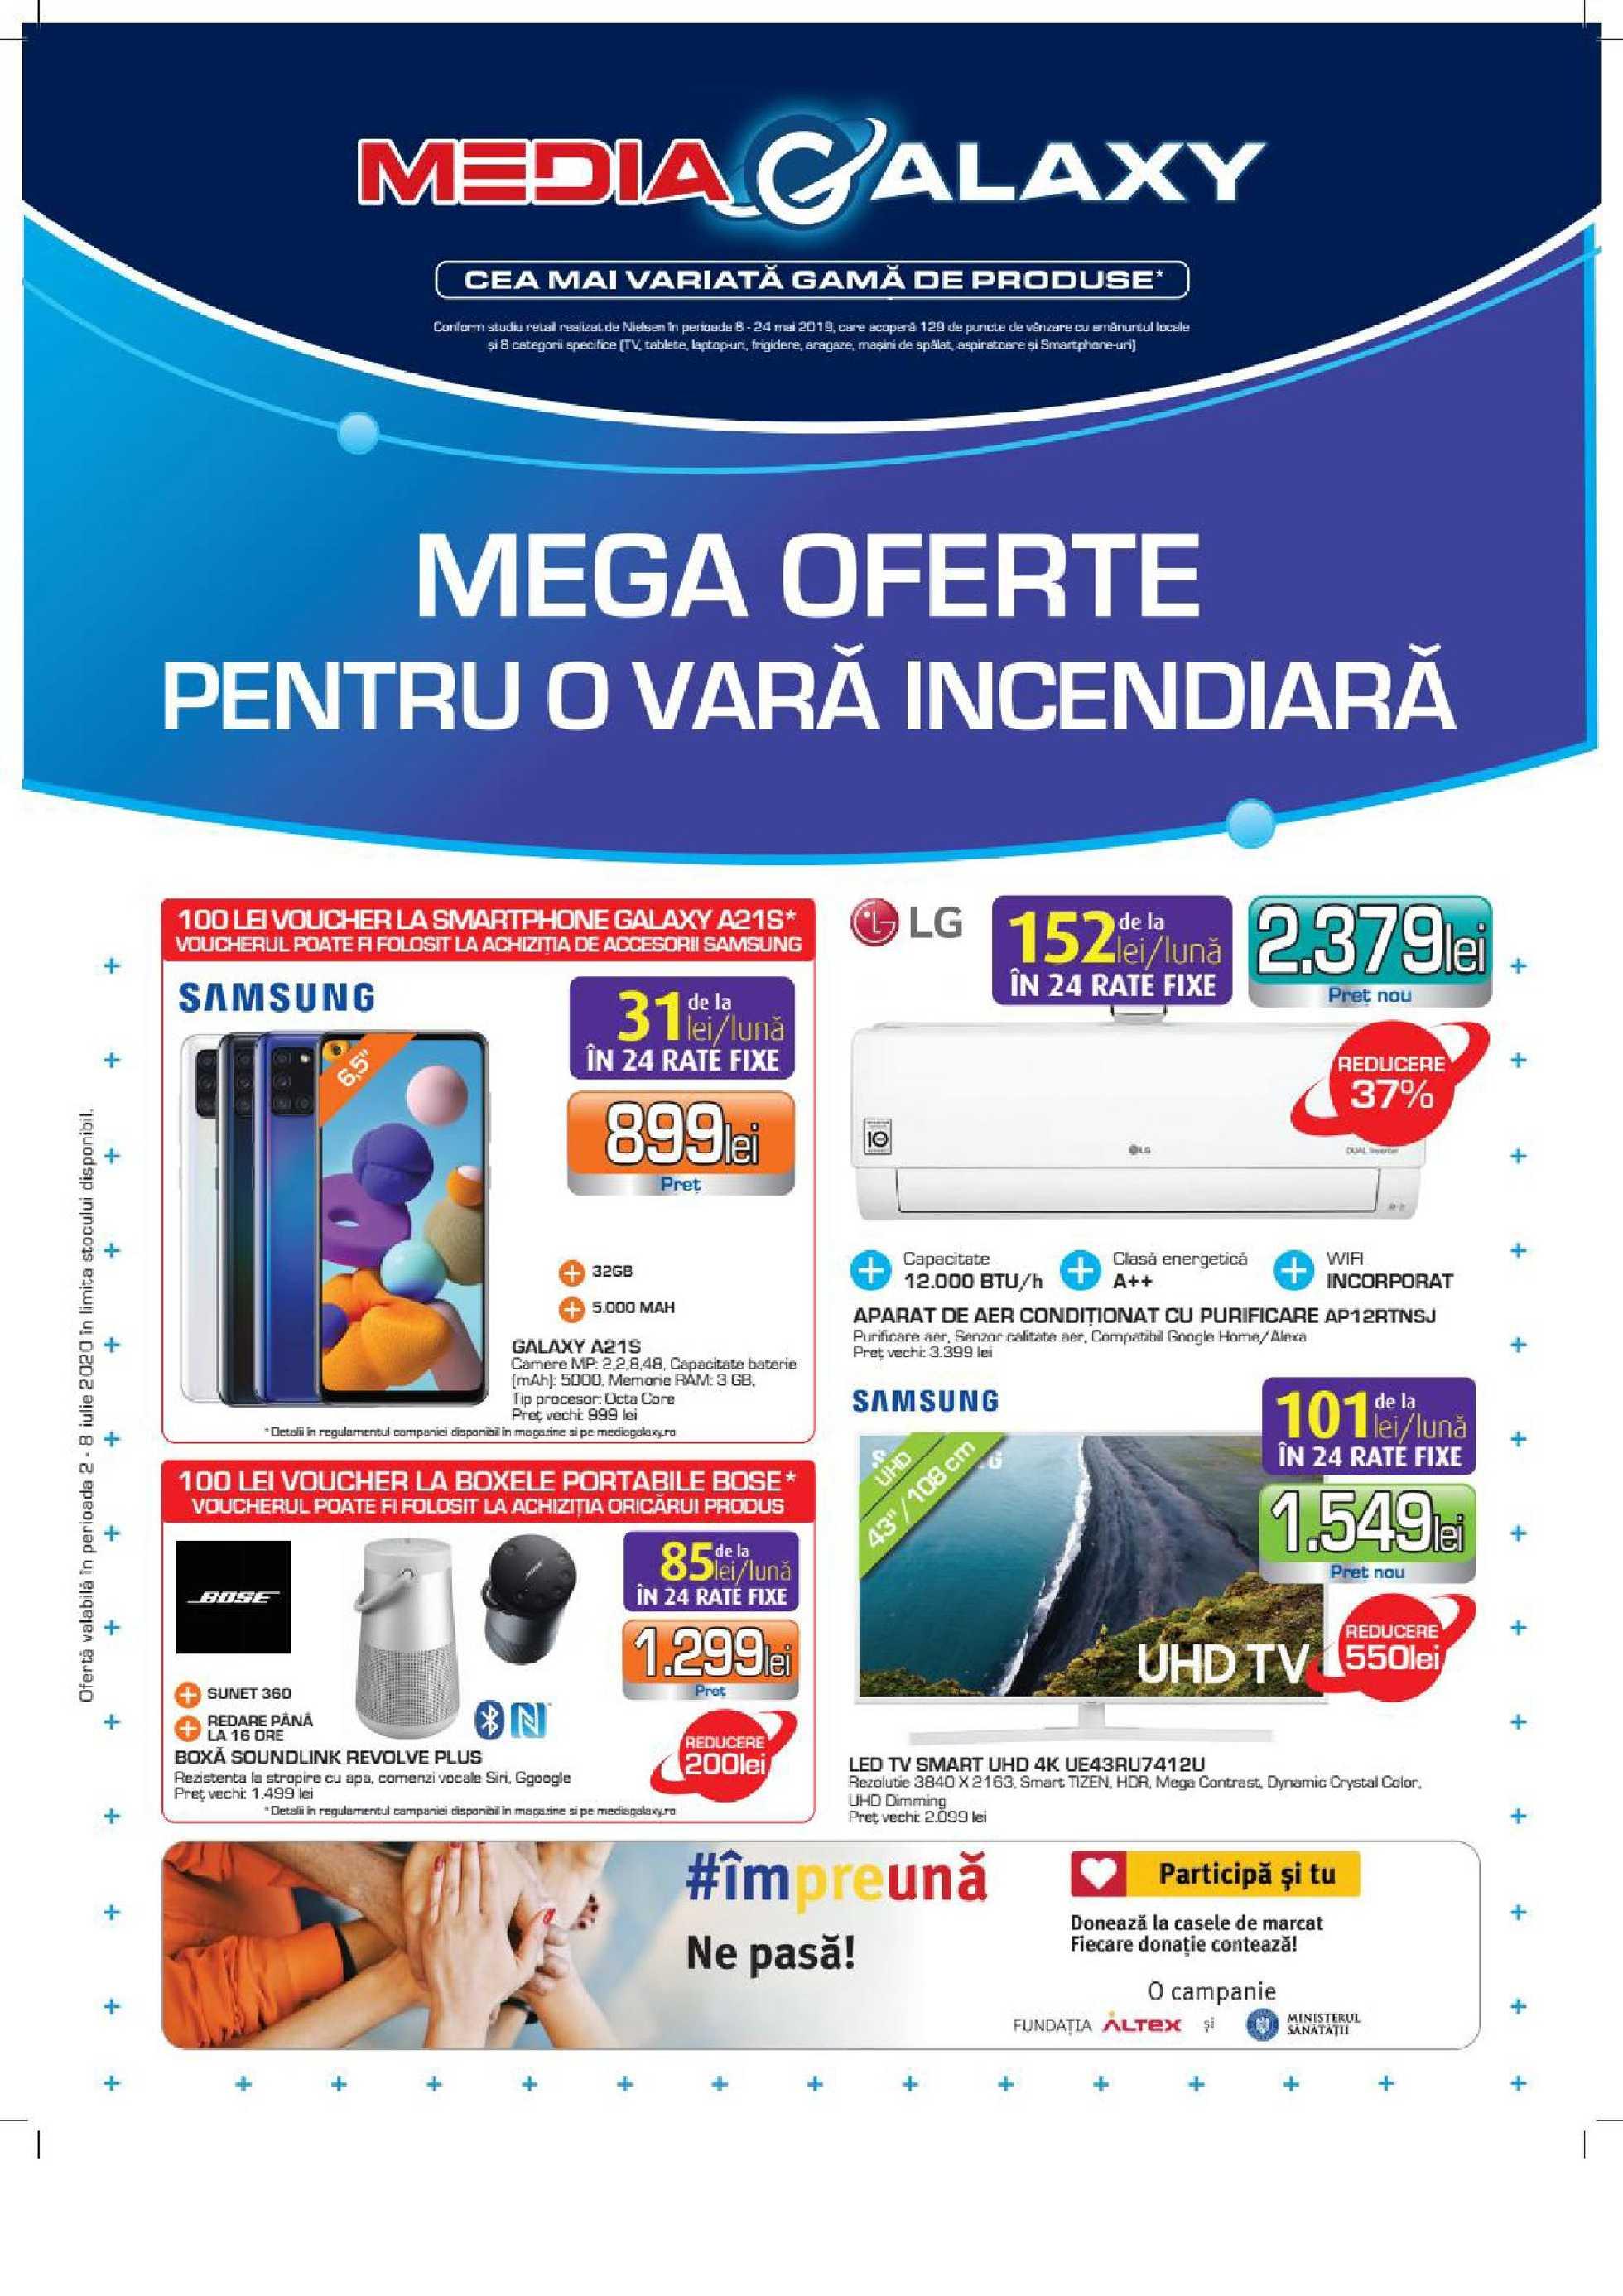 Media Galaxy - promo începând de la 02.07.2020 până la 08.07.2020 - pagină 1.